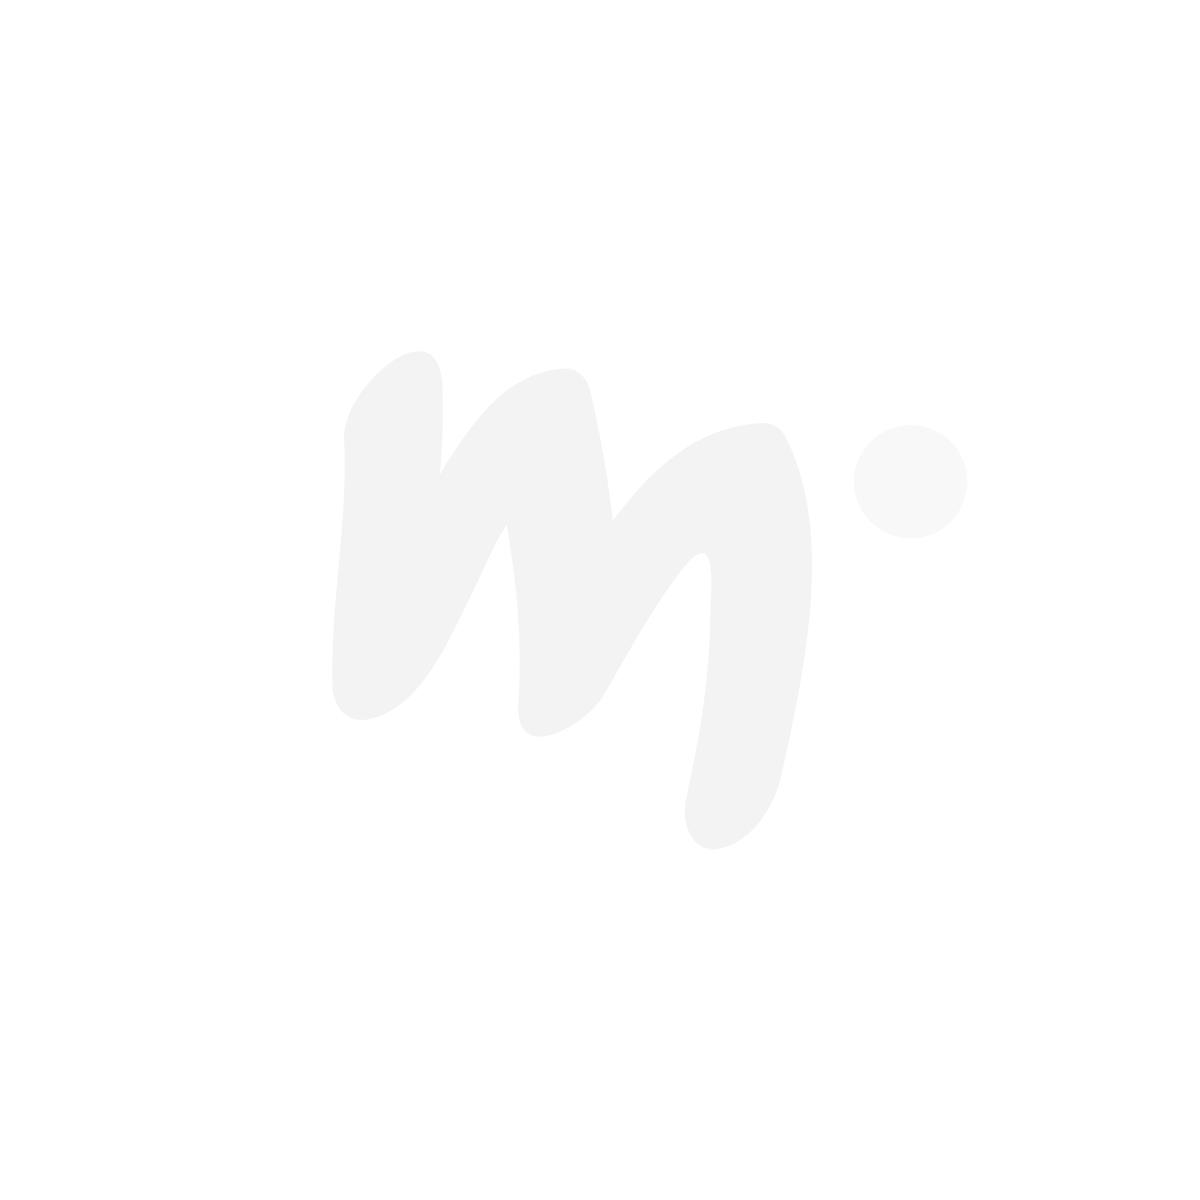 Muumi Muumipappa-kylpylelu